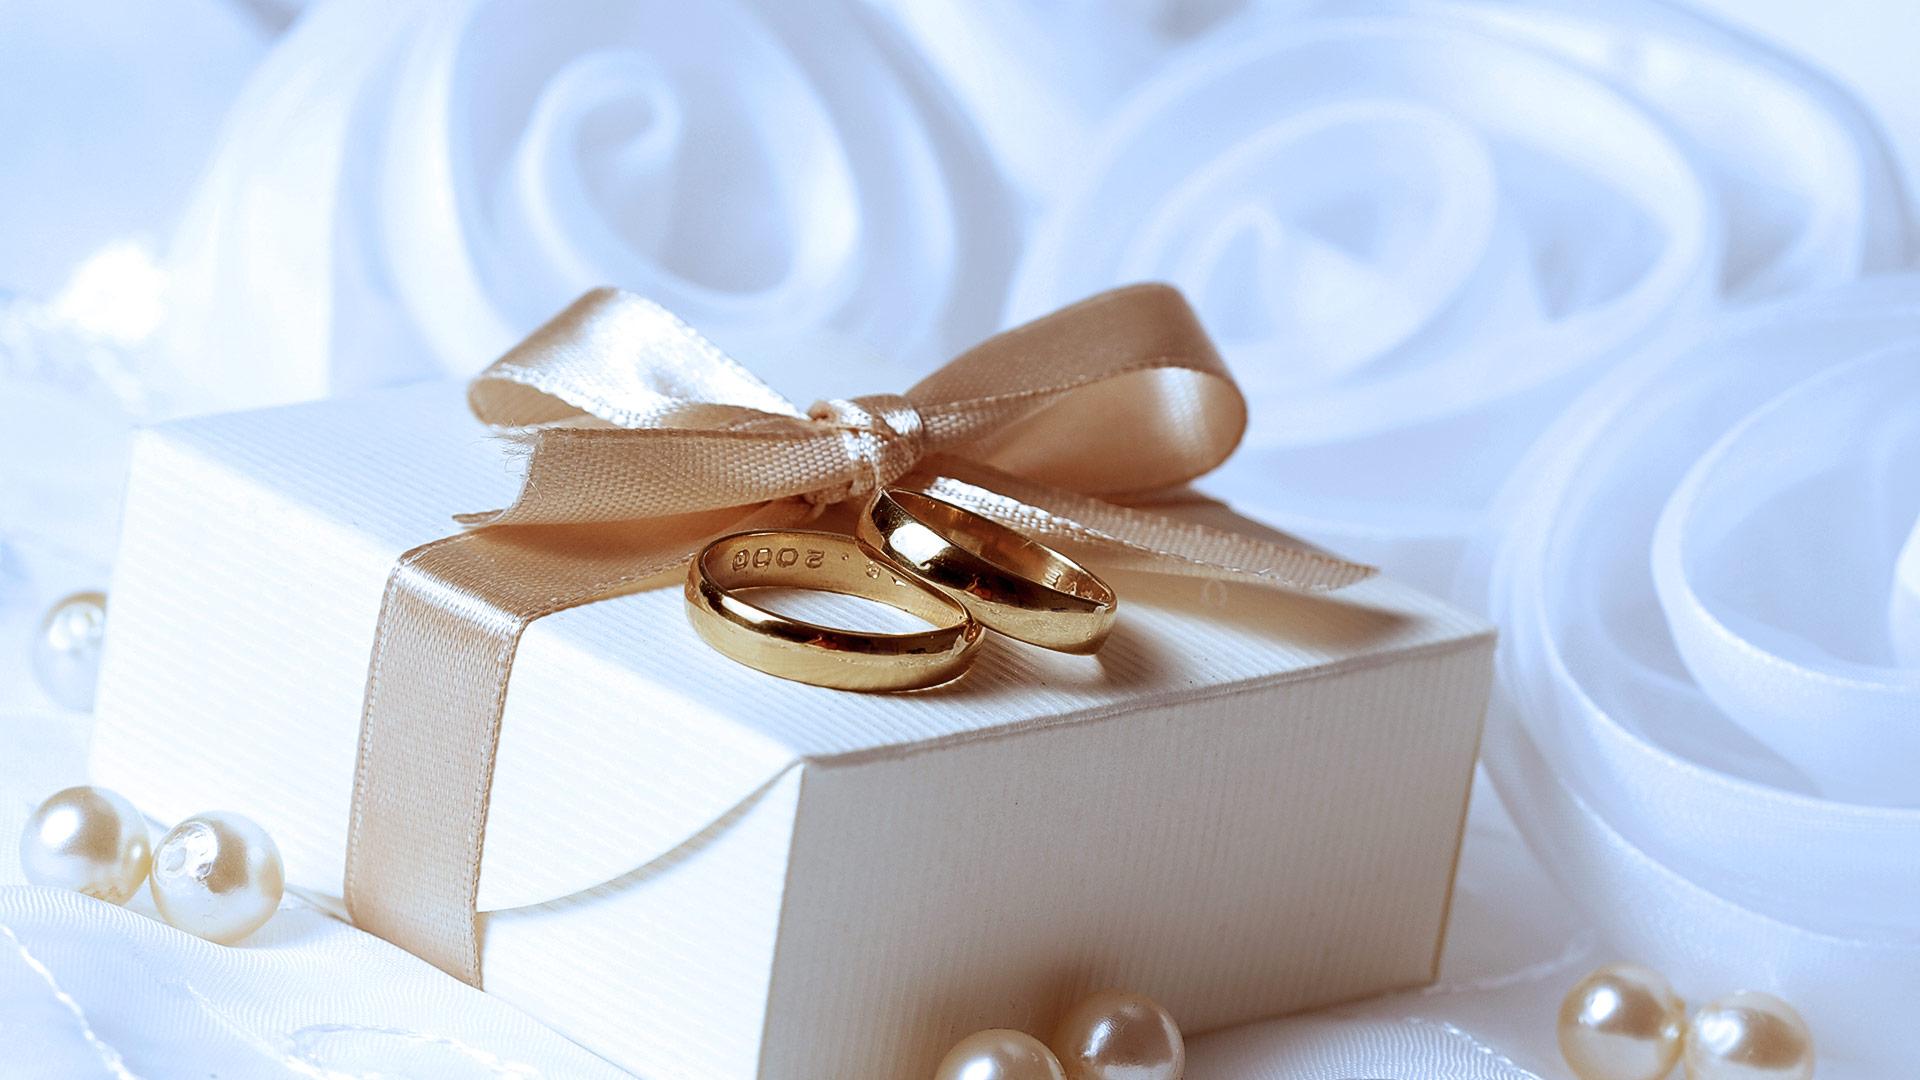 Подарок на золотую свадьбу родителям или бабушке, дедушке 38